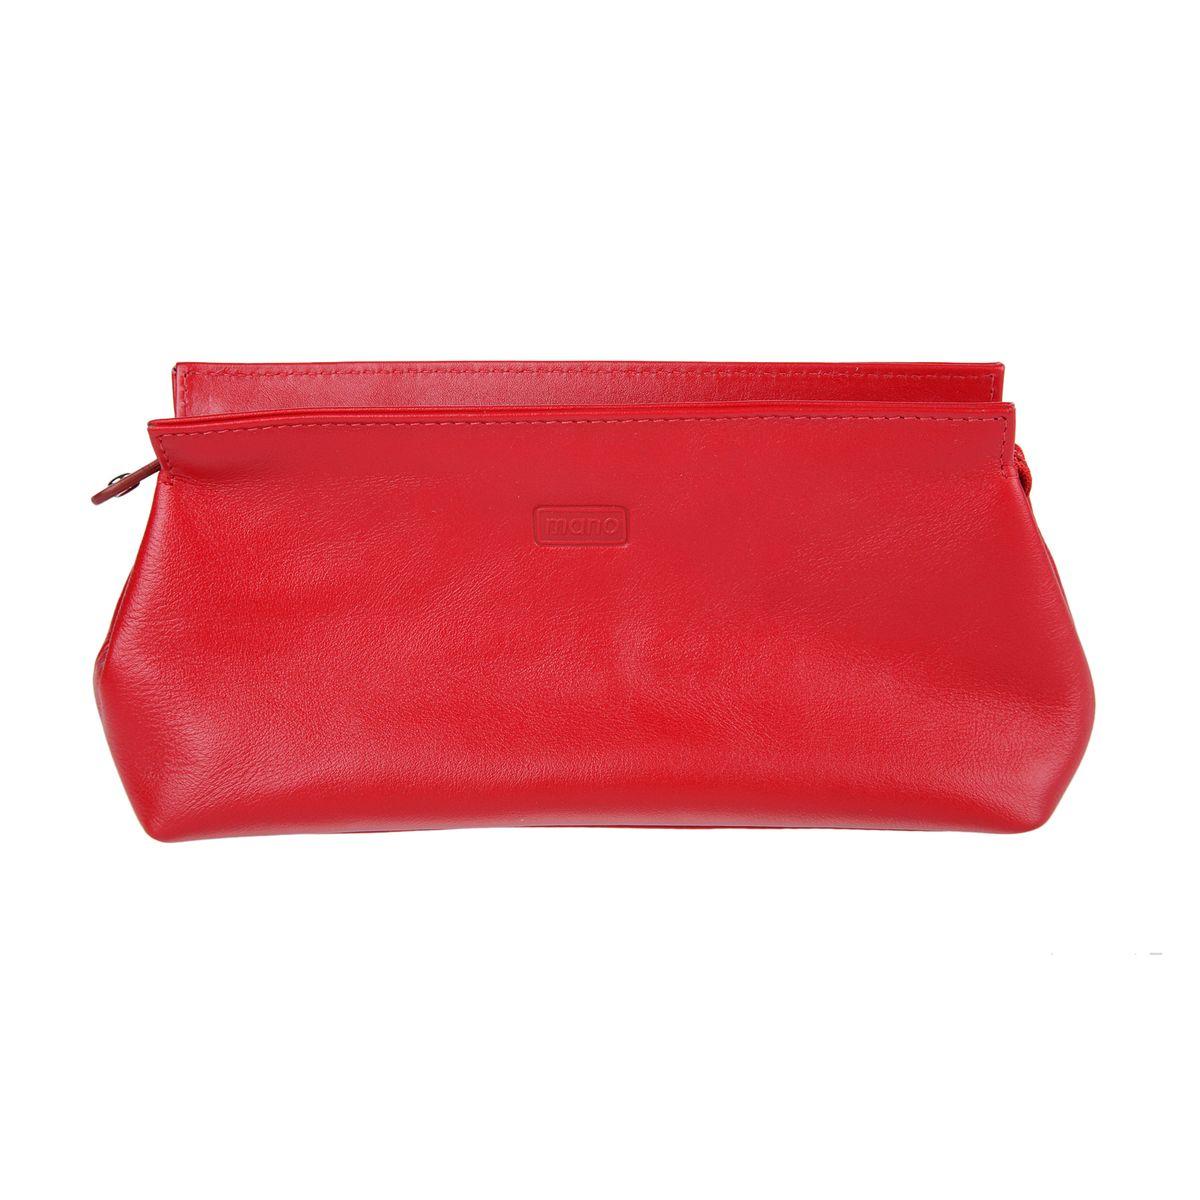 Косметичка женский Mano, цвет: красный. 13422 red